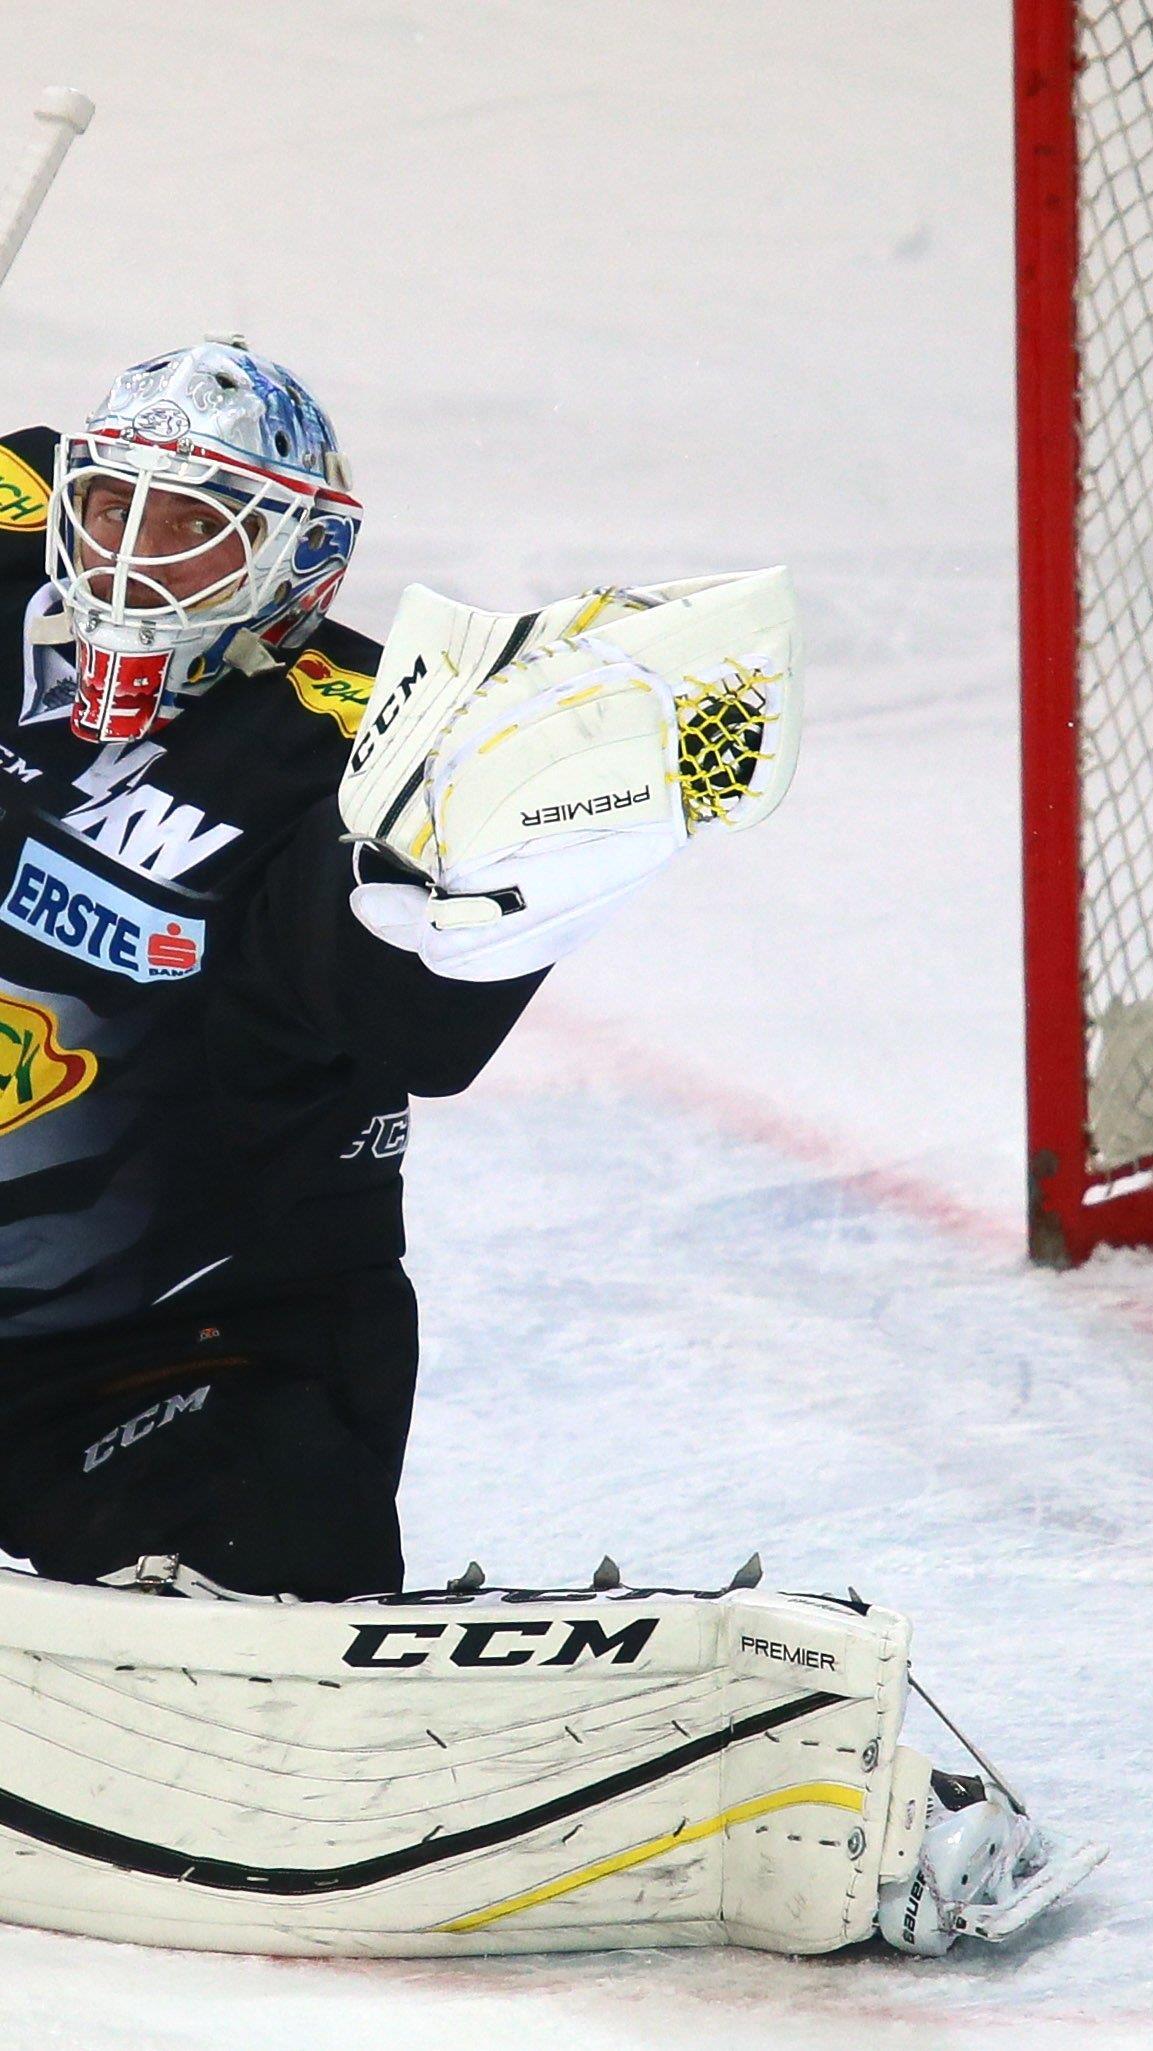 Torhüter Hardy zeigte in Bozen eine starke Leistung.